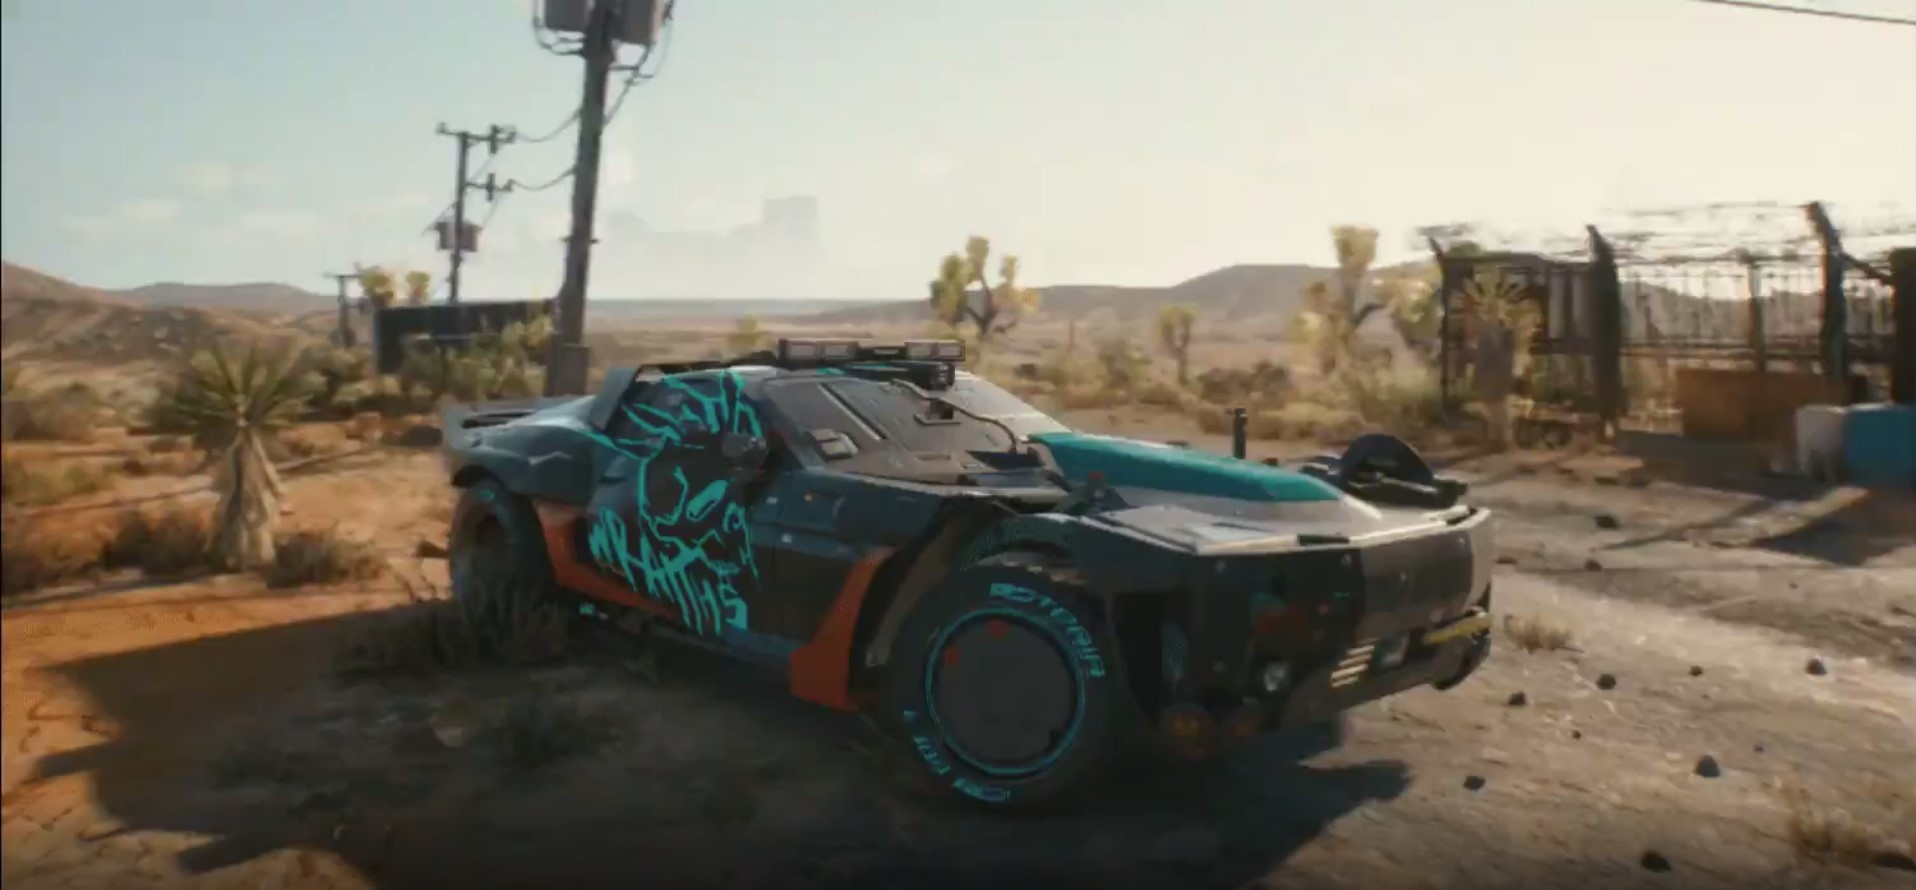 Авторы Cyberpunk 2077 показали кадры с машиной в пустыне